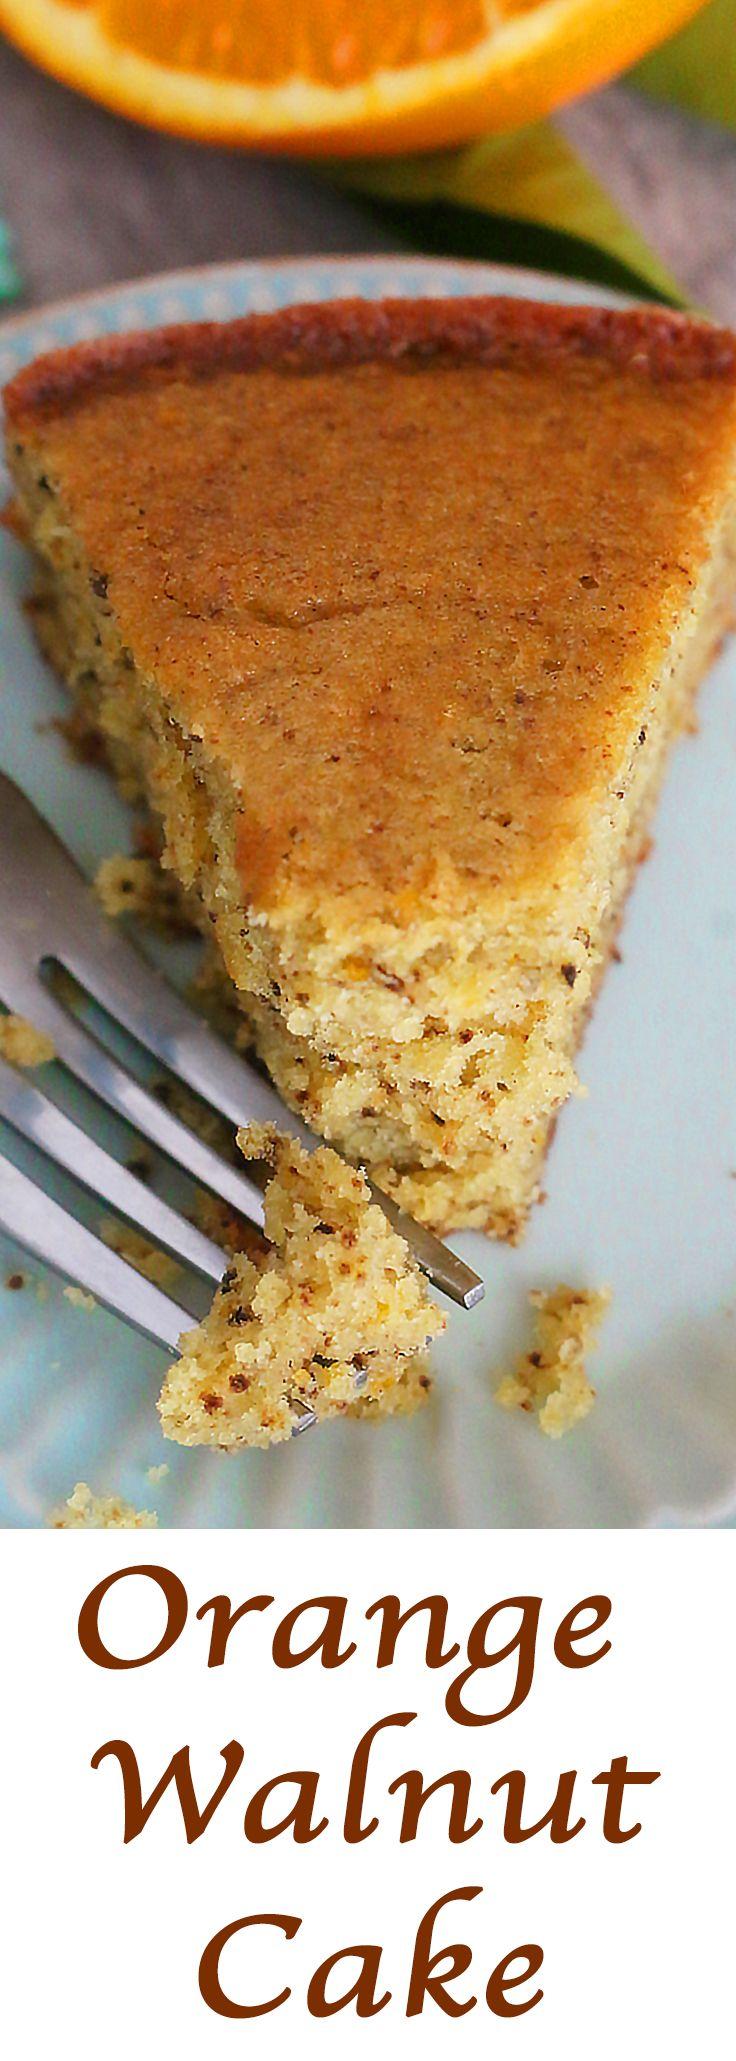 Orange Walnut Cake. #citrus #desserts